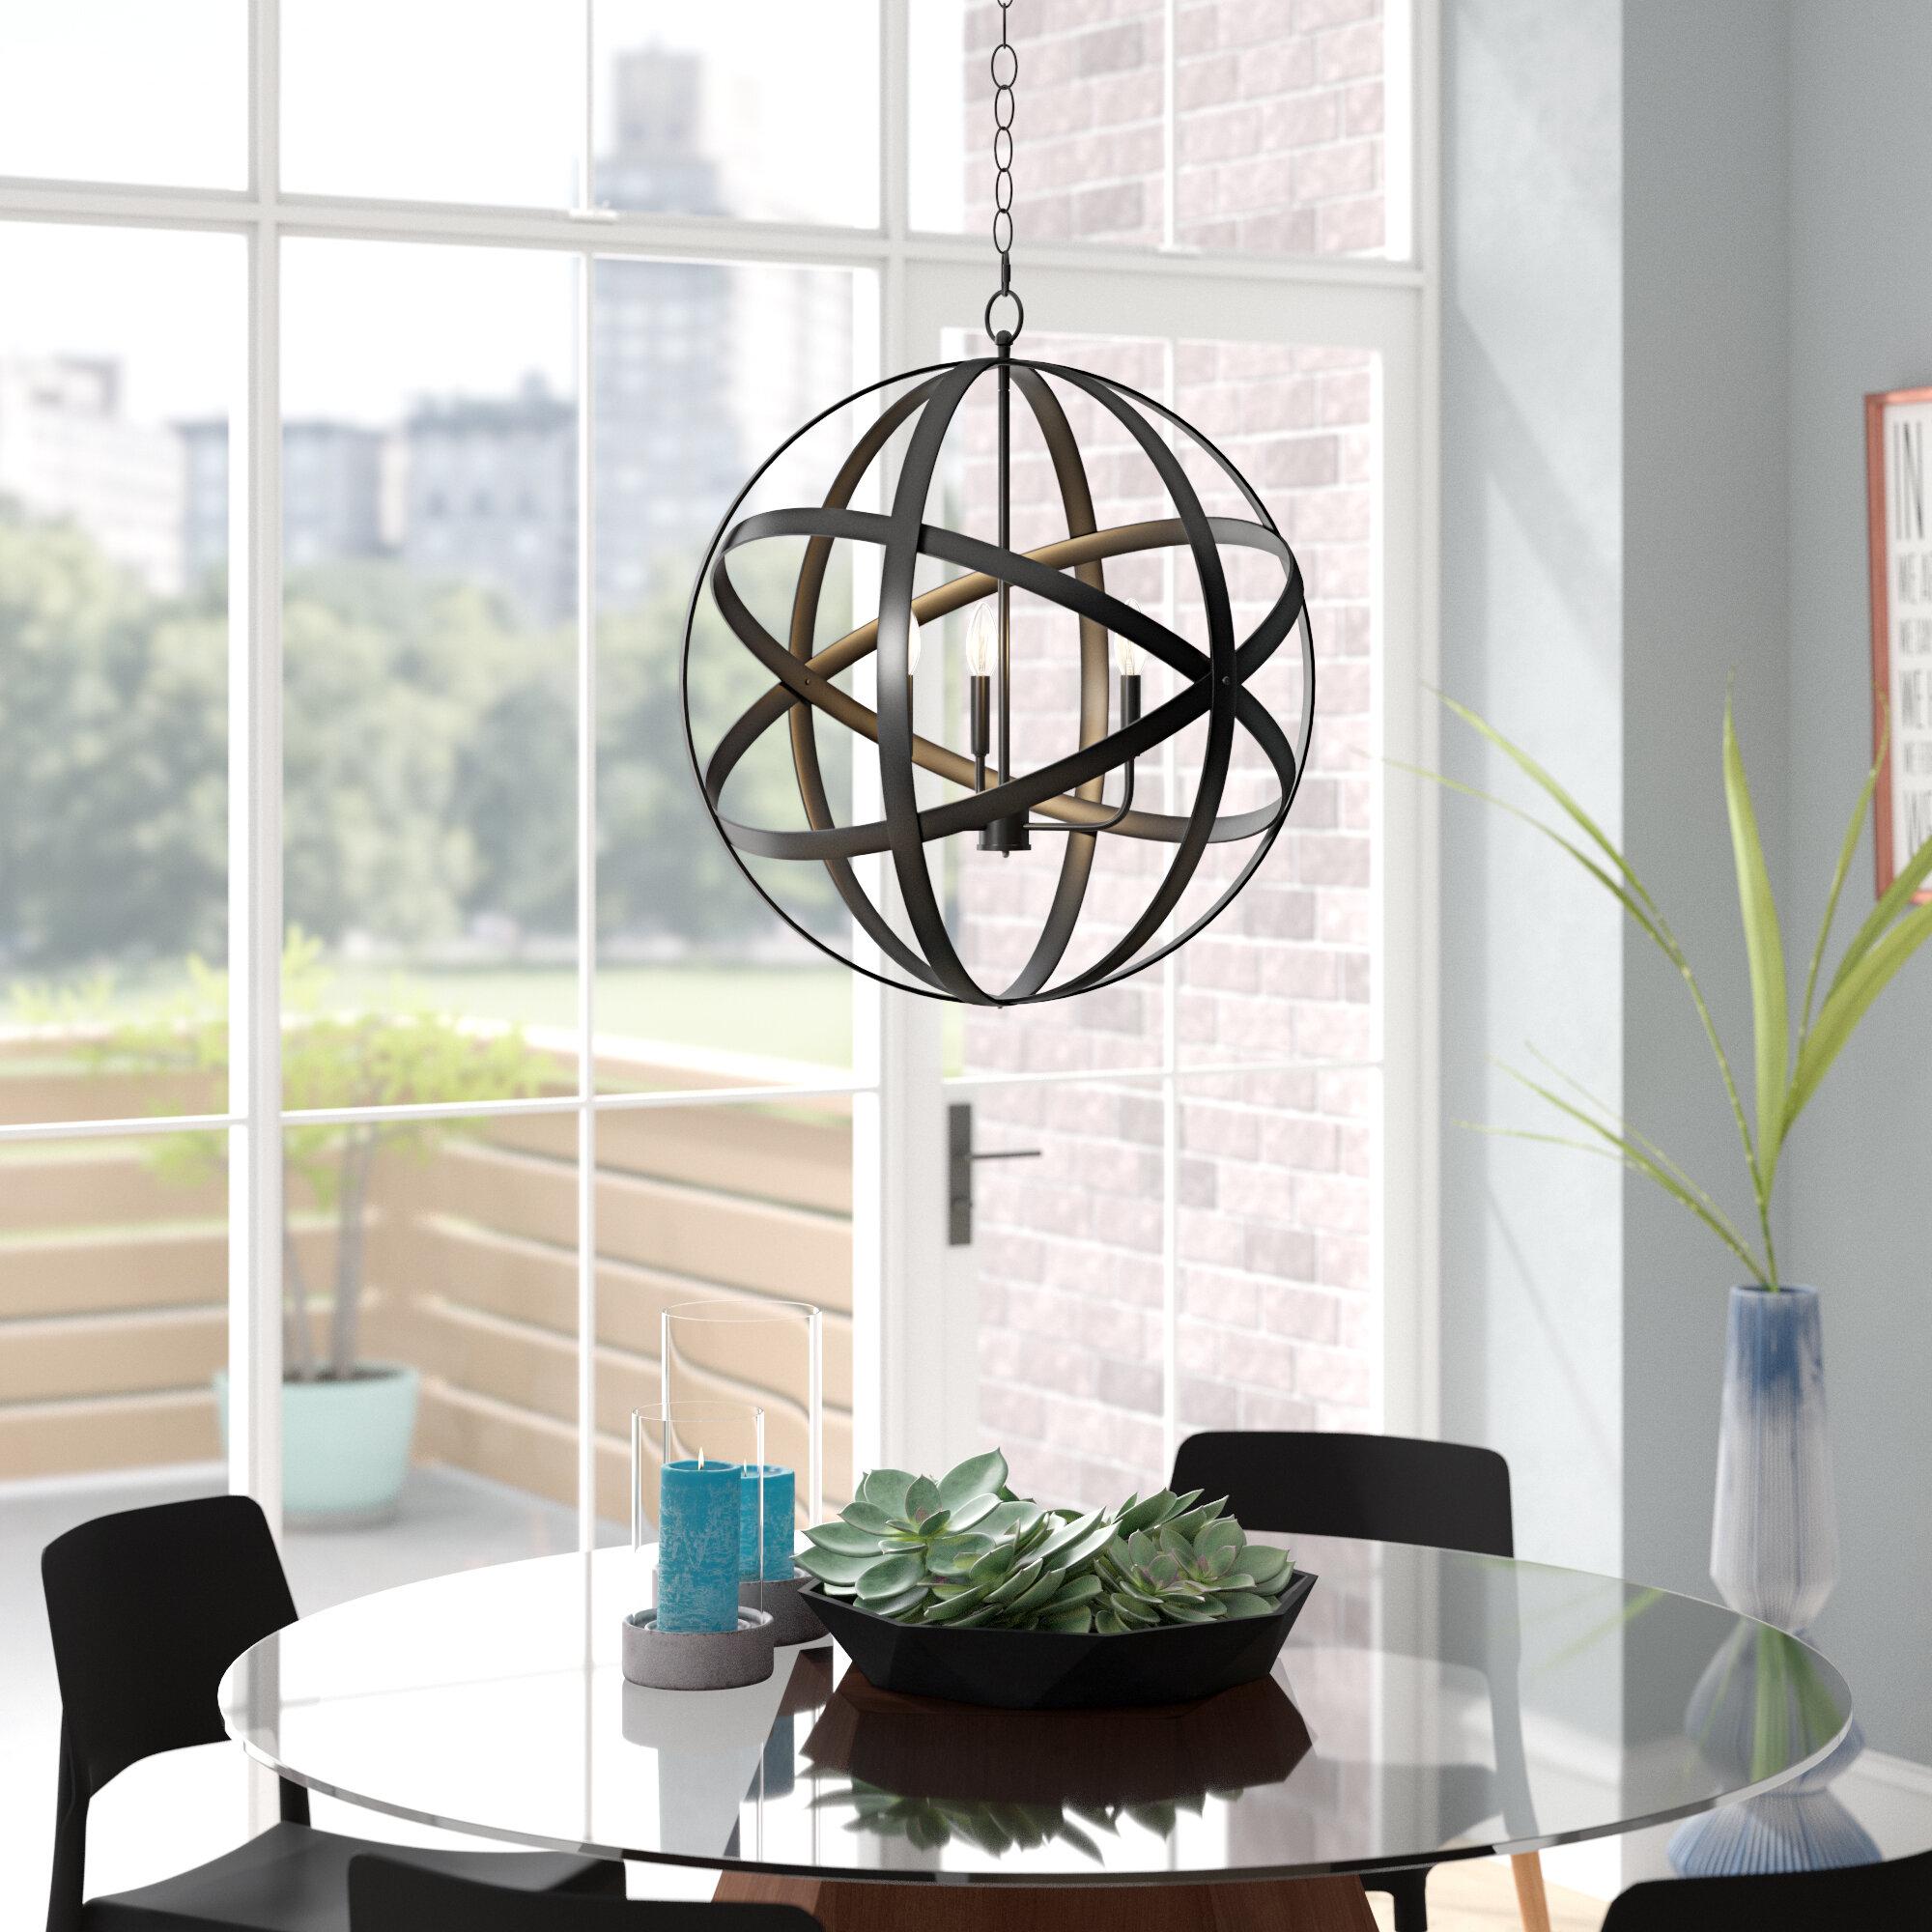 Ealey 1 Light Single Globe Pendant In Irwin 1 Light Single Globe Pendants (View 7 of 30)